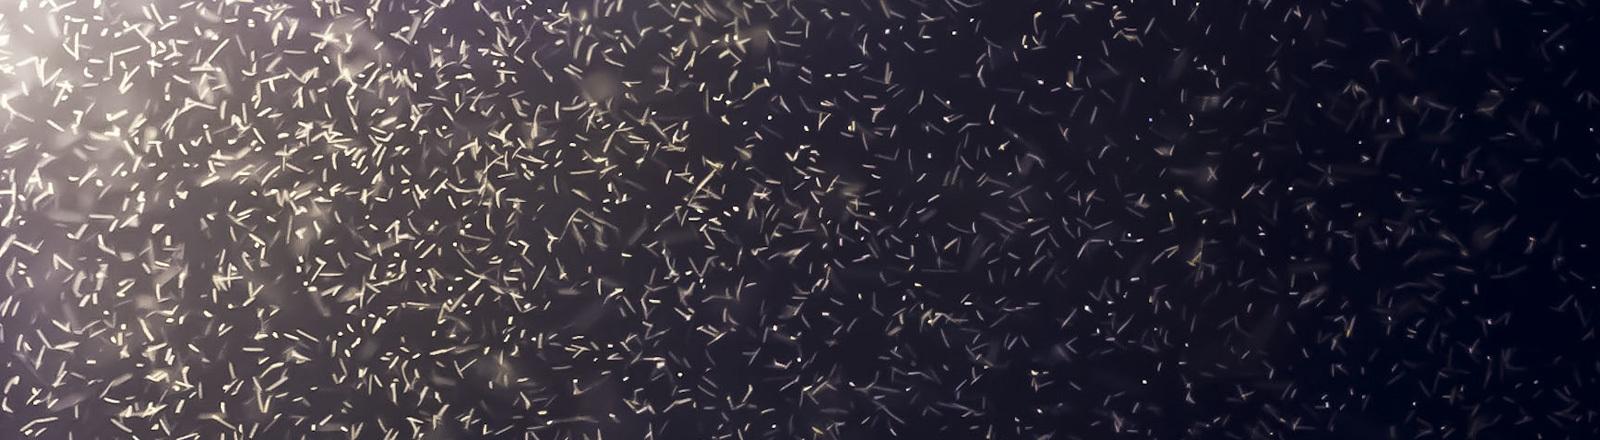 Zu sehen sind viele Mücken, die in einem Lichtkegel besonders gut deutlich zu erkennen sind.